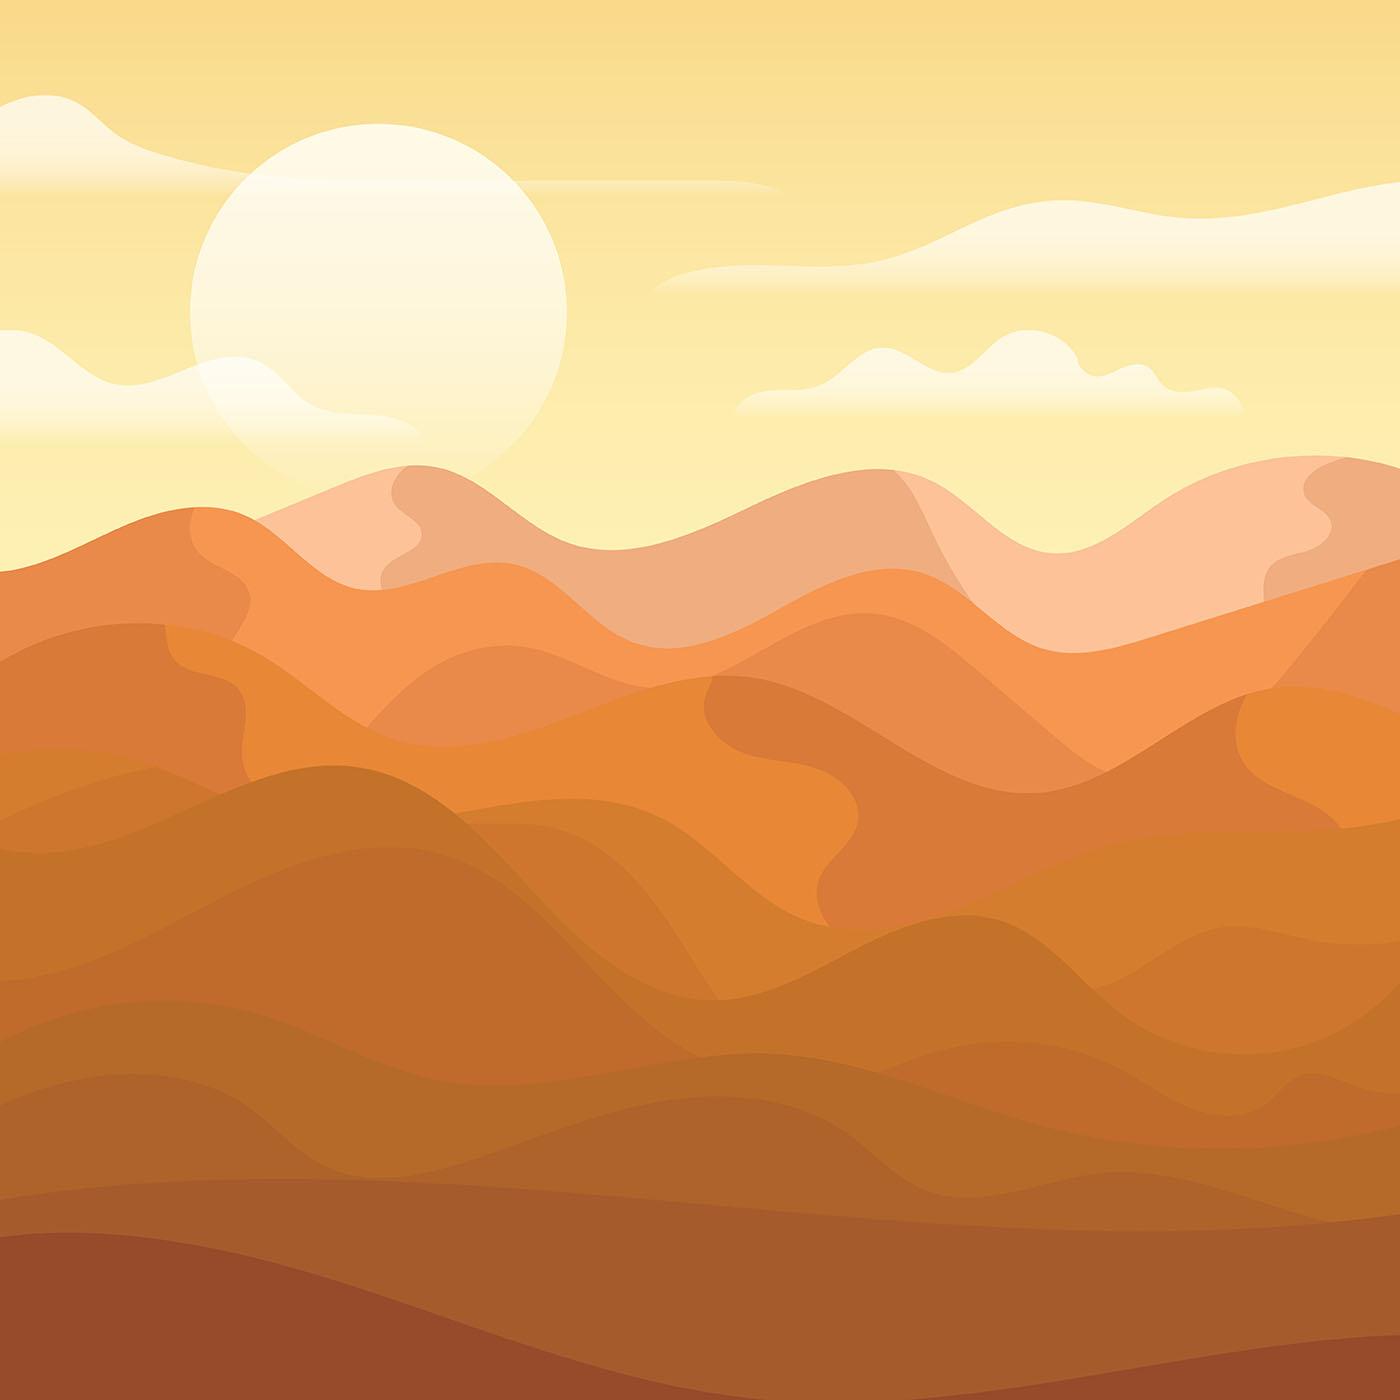 Landscape Illustration Vector Free: Desert Landscape Illustration